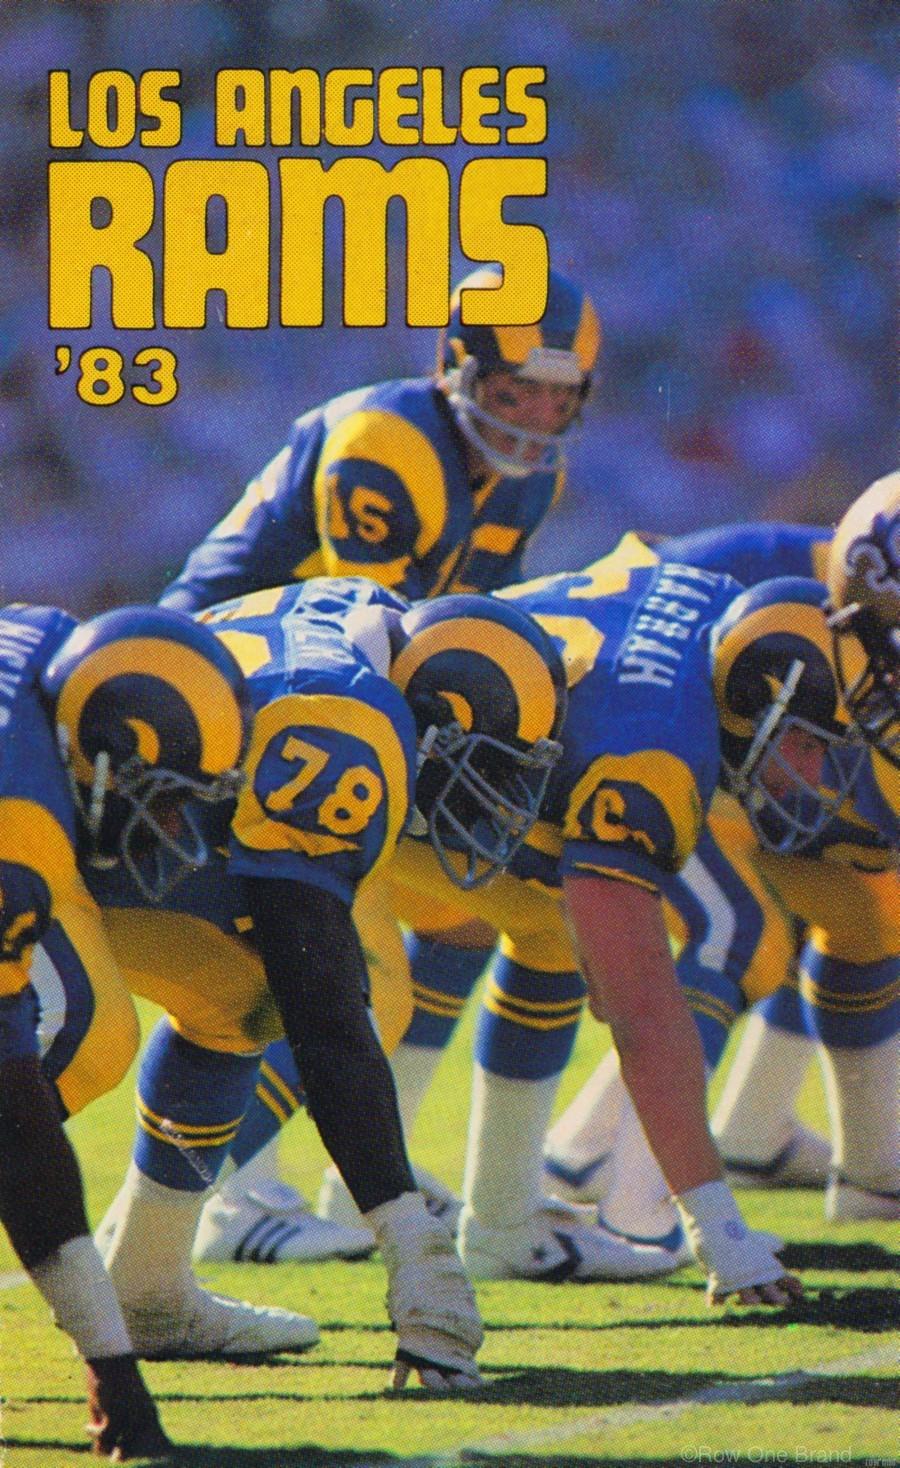 1983 Los Angeles Rams  Print